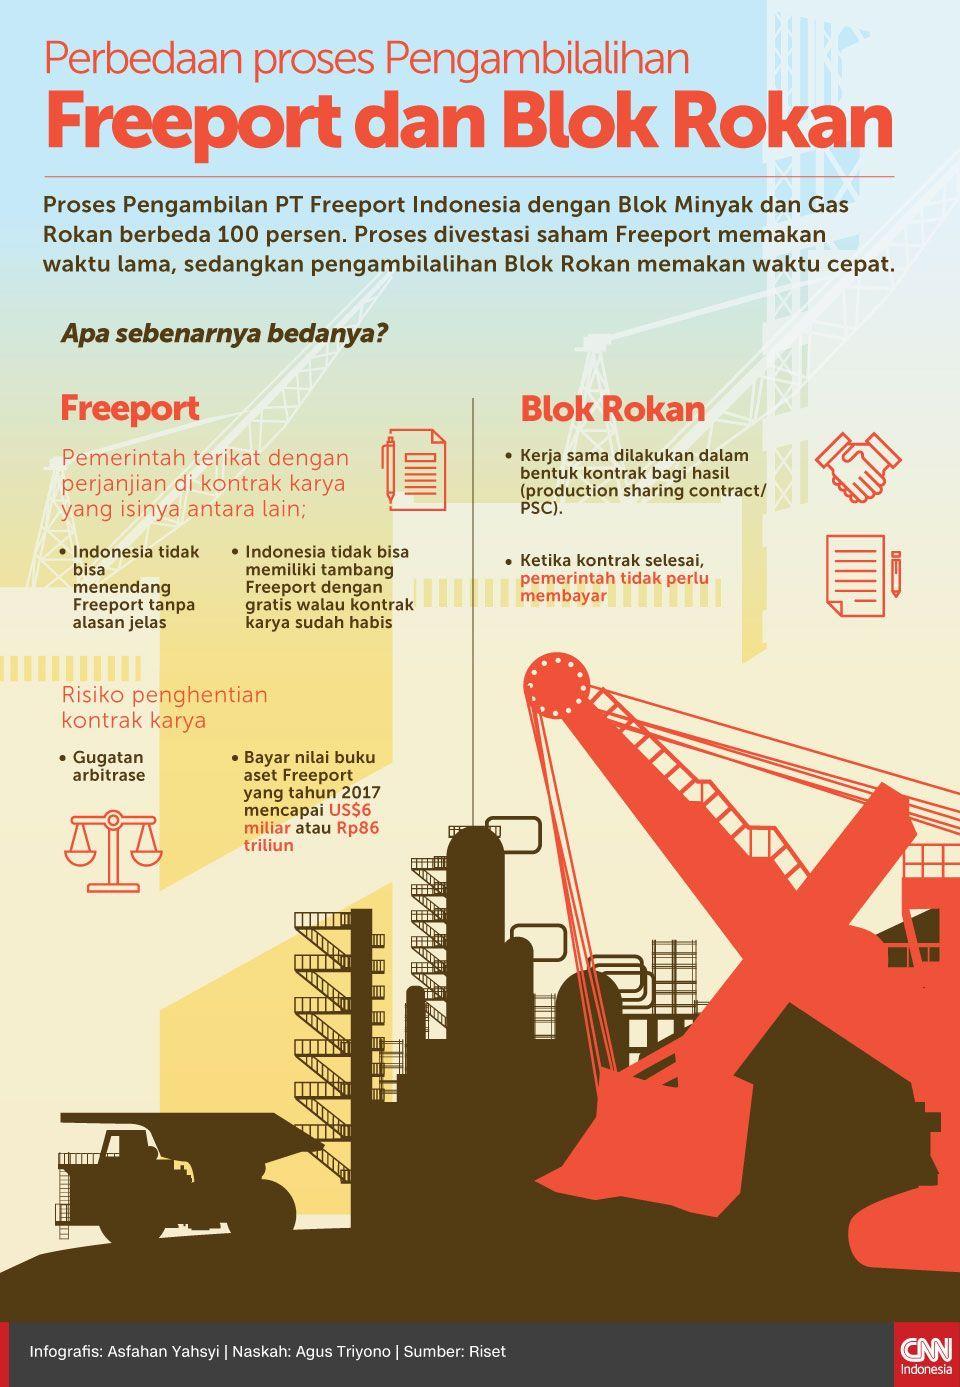 Infografis Perbedaan proses Pengambilalihan Freeport dan Blok Rokan